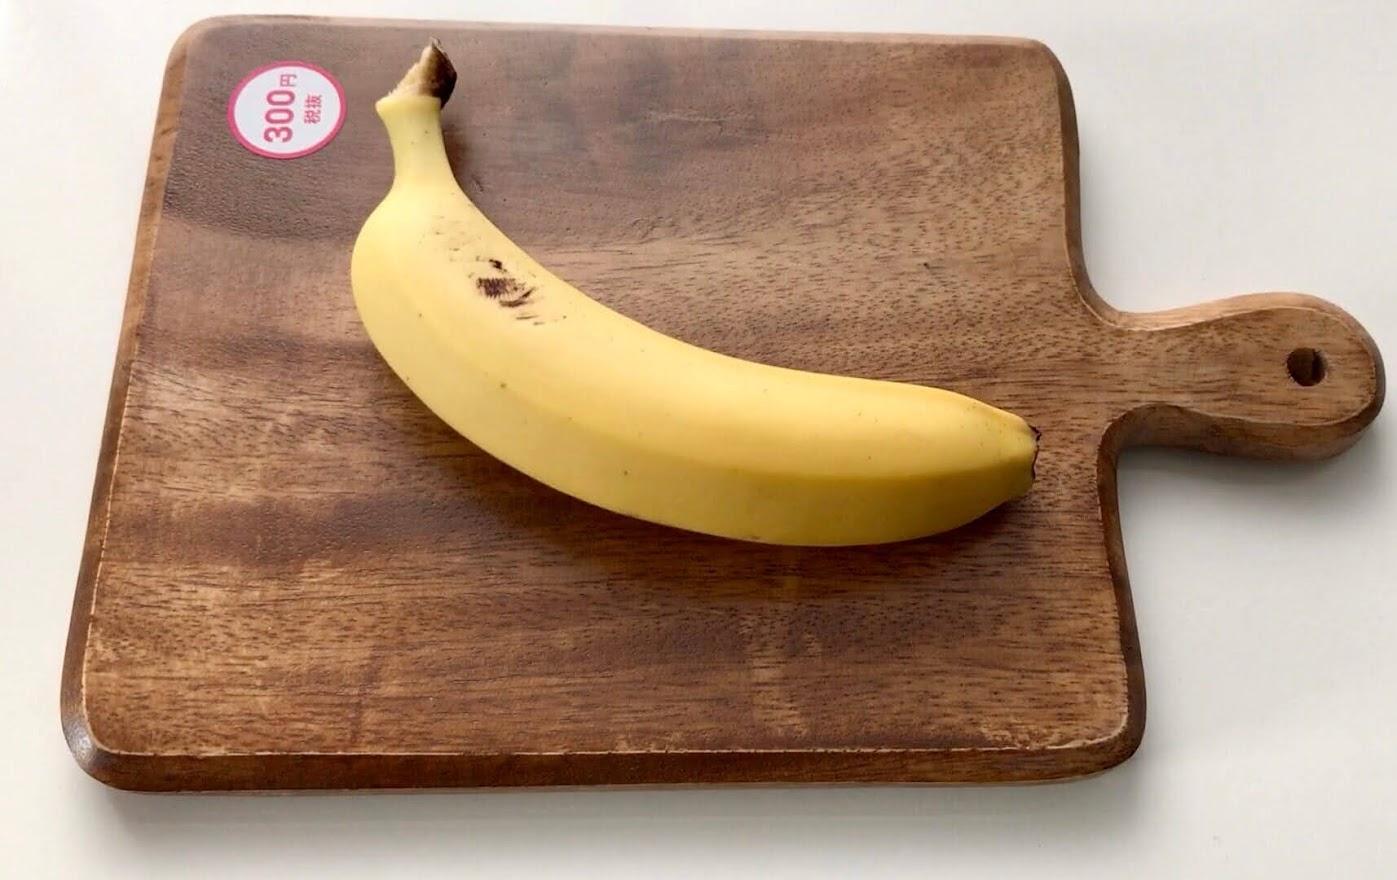 ダイソー木のまな板とバナナ